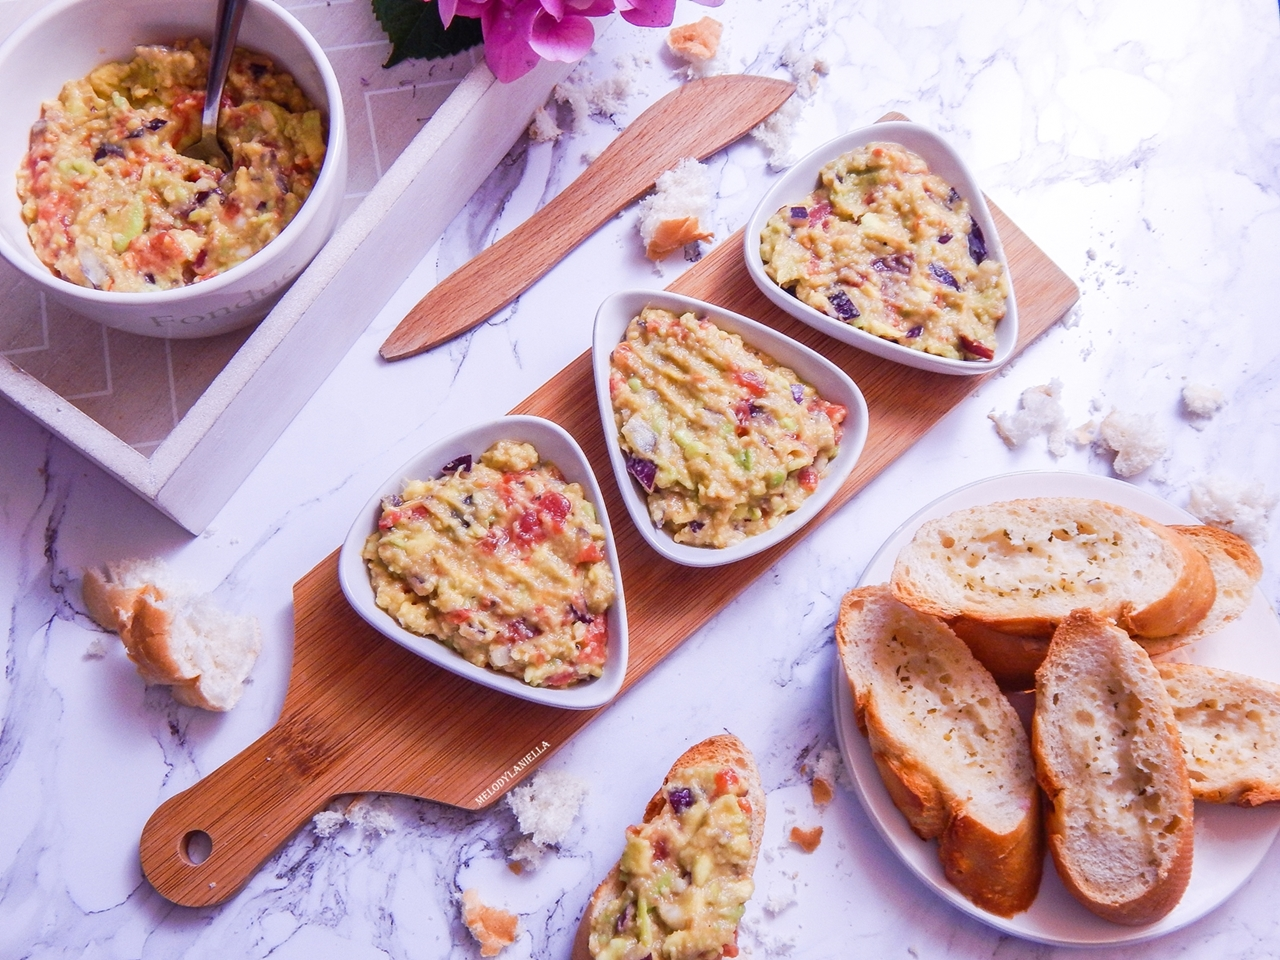 1 guacamole pasta z awokado pomidorami i czerwoną cebulą pasty nakapkowe przepis pomysły gotowanie pesto z awokado pomysły na kolację obiad zdrowe fit dobre tłuszcze pomysł na kanapki na drugie śniadanie-2